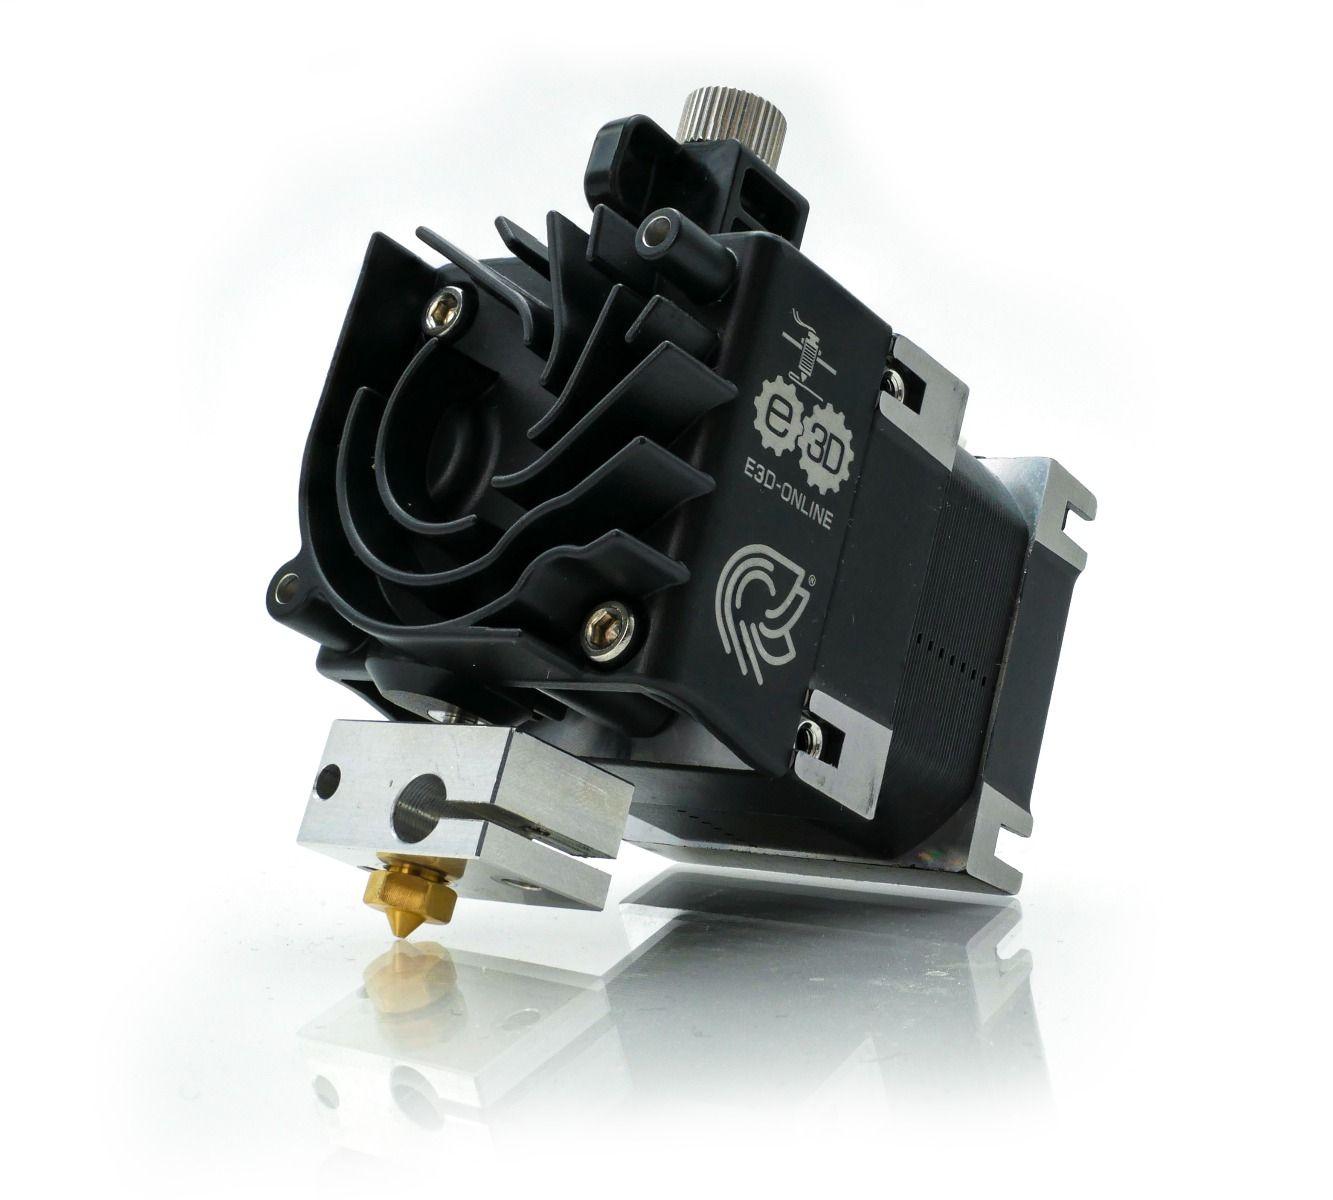 [3D-Druck] E3D Hemera Direct Kit 12V 1.75mm Direct-Drive Extruder Hotend